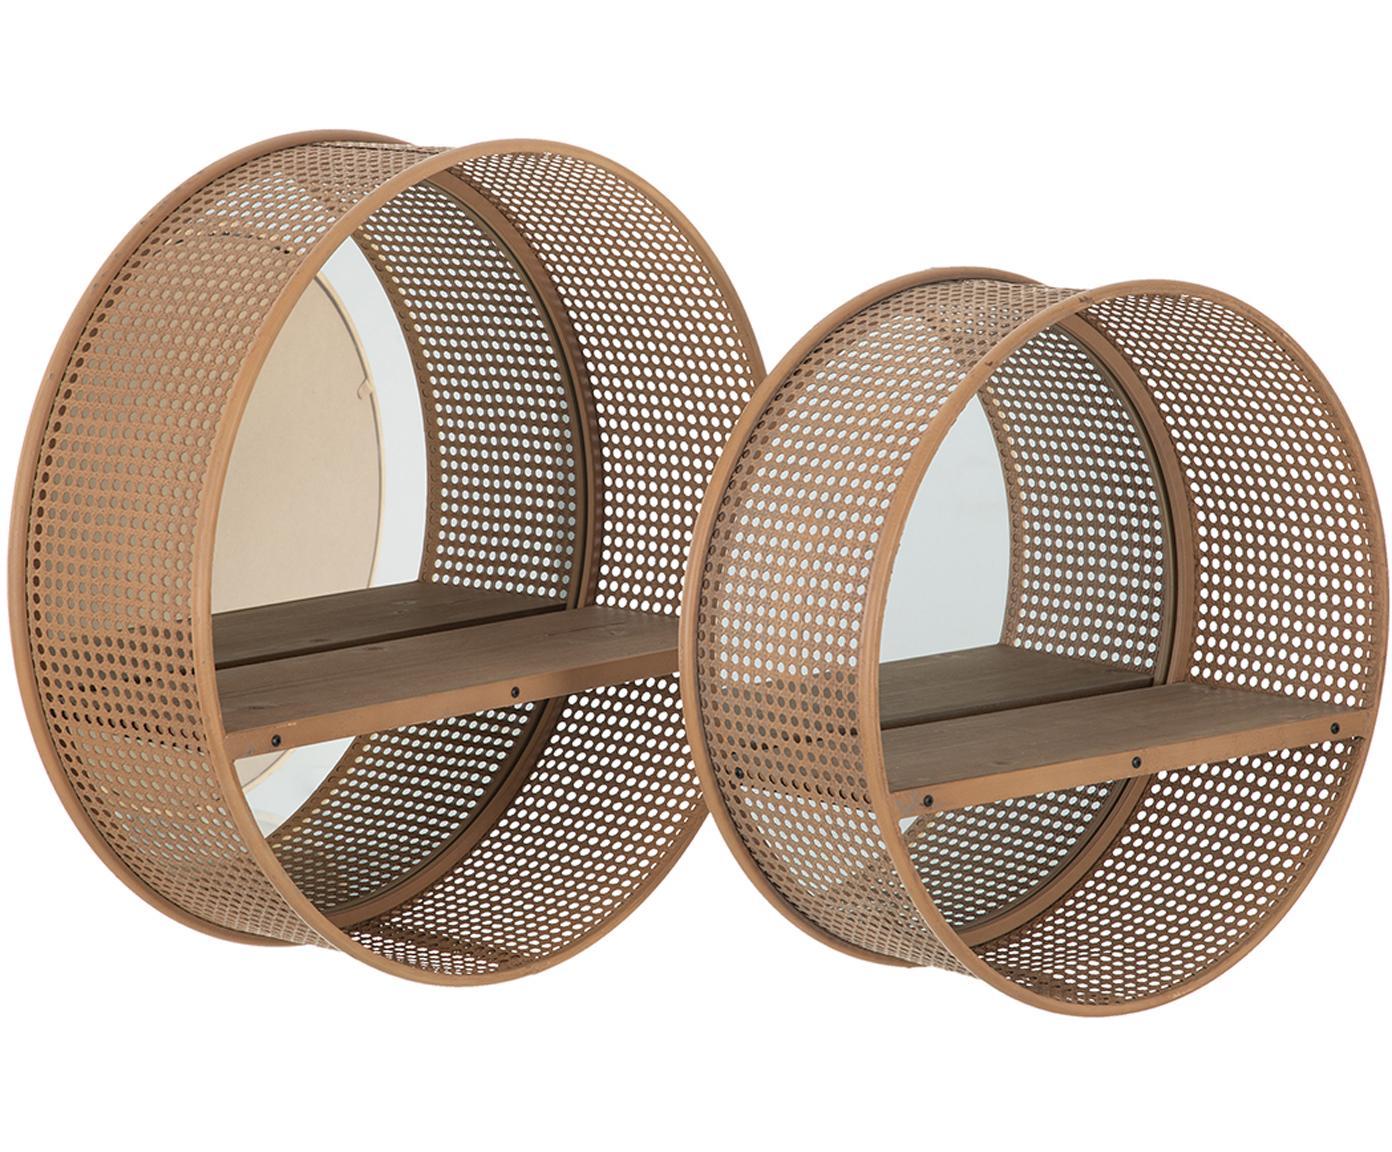 Set de estantes de pared Thomi, 2uds., con espejos, Estante: ratán, Espejo: cristal, Beige, Tamaños diferentes